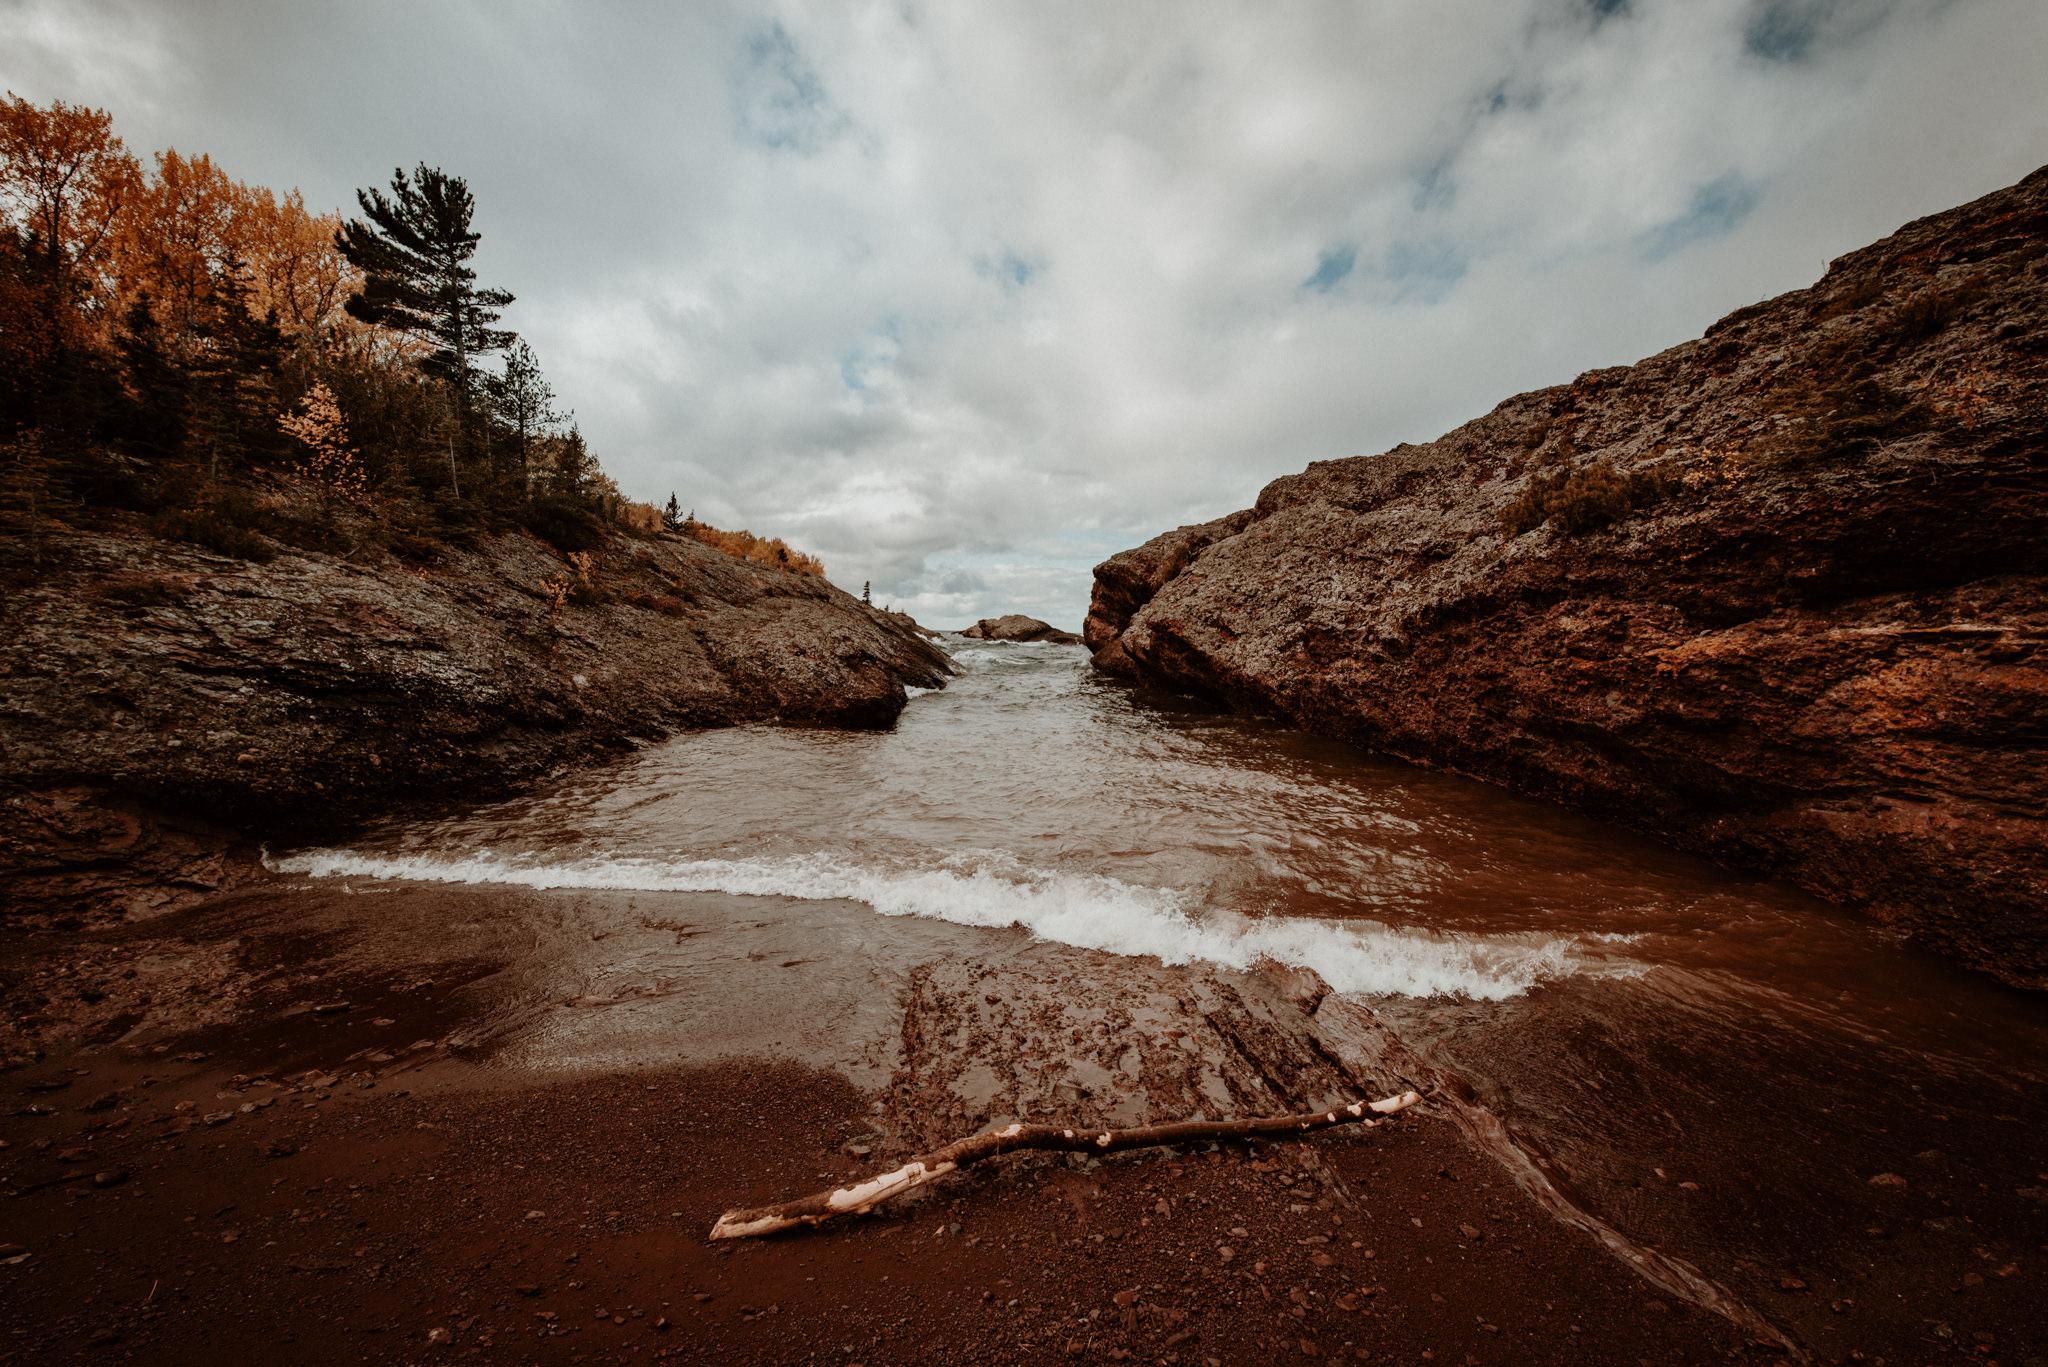 Shoreline near Copper Harbor, Michigan